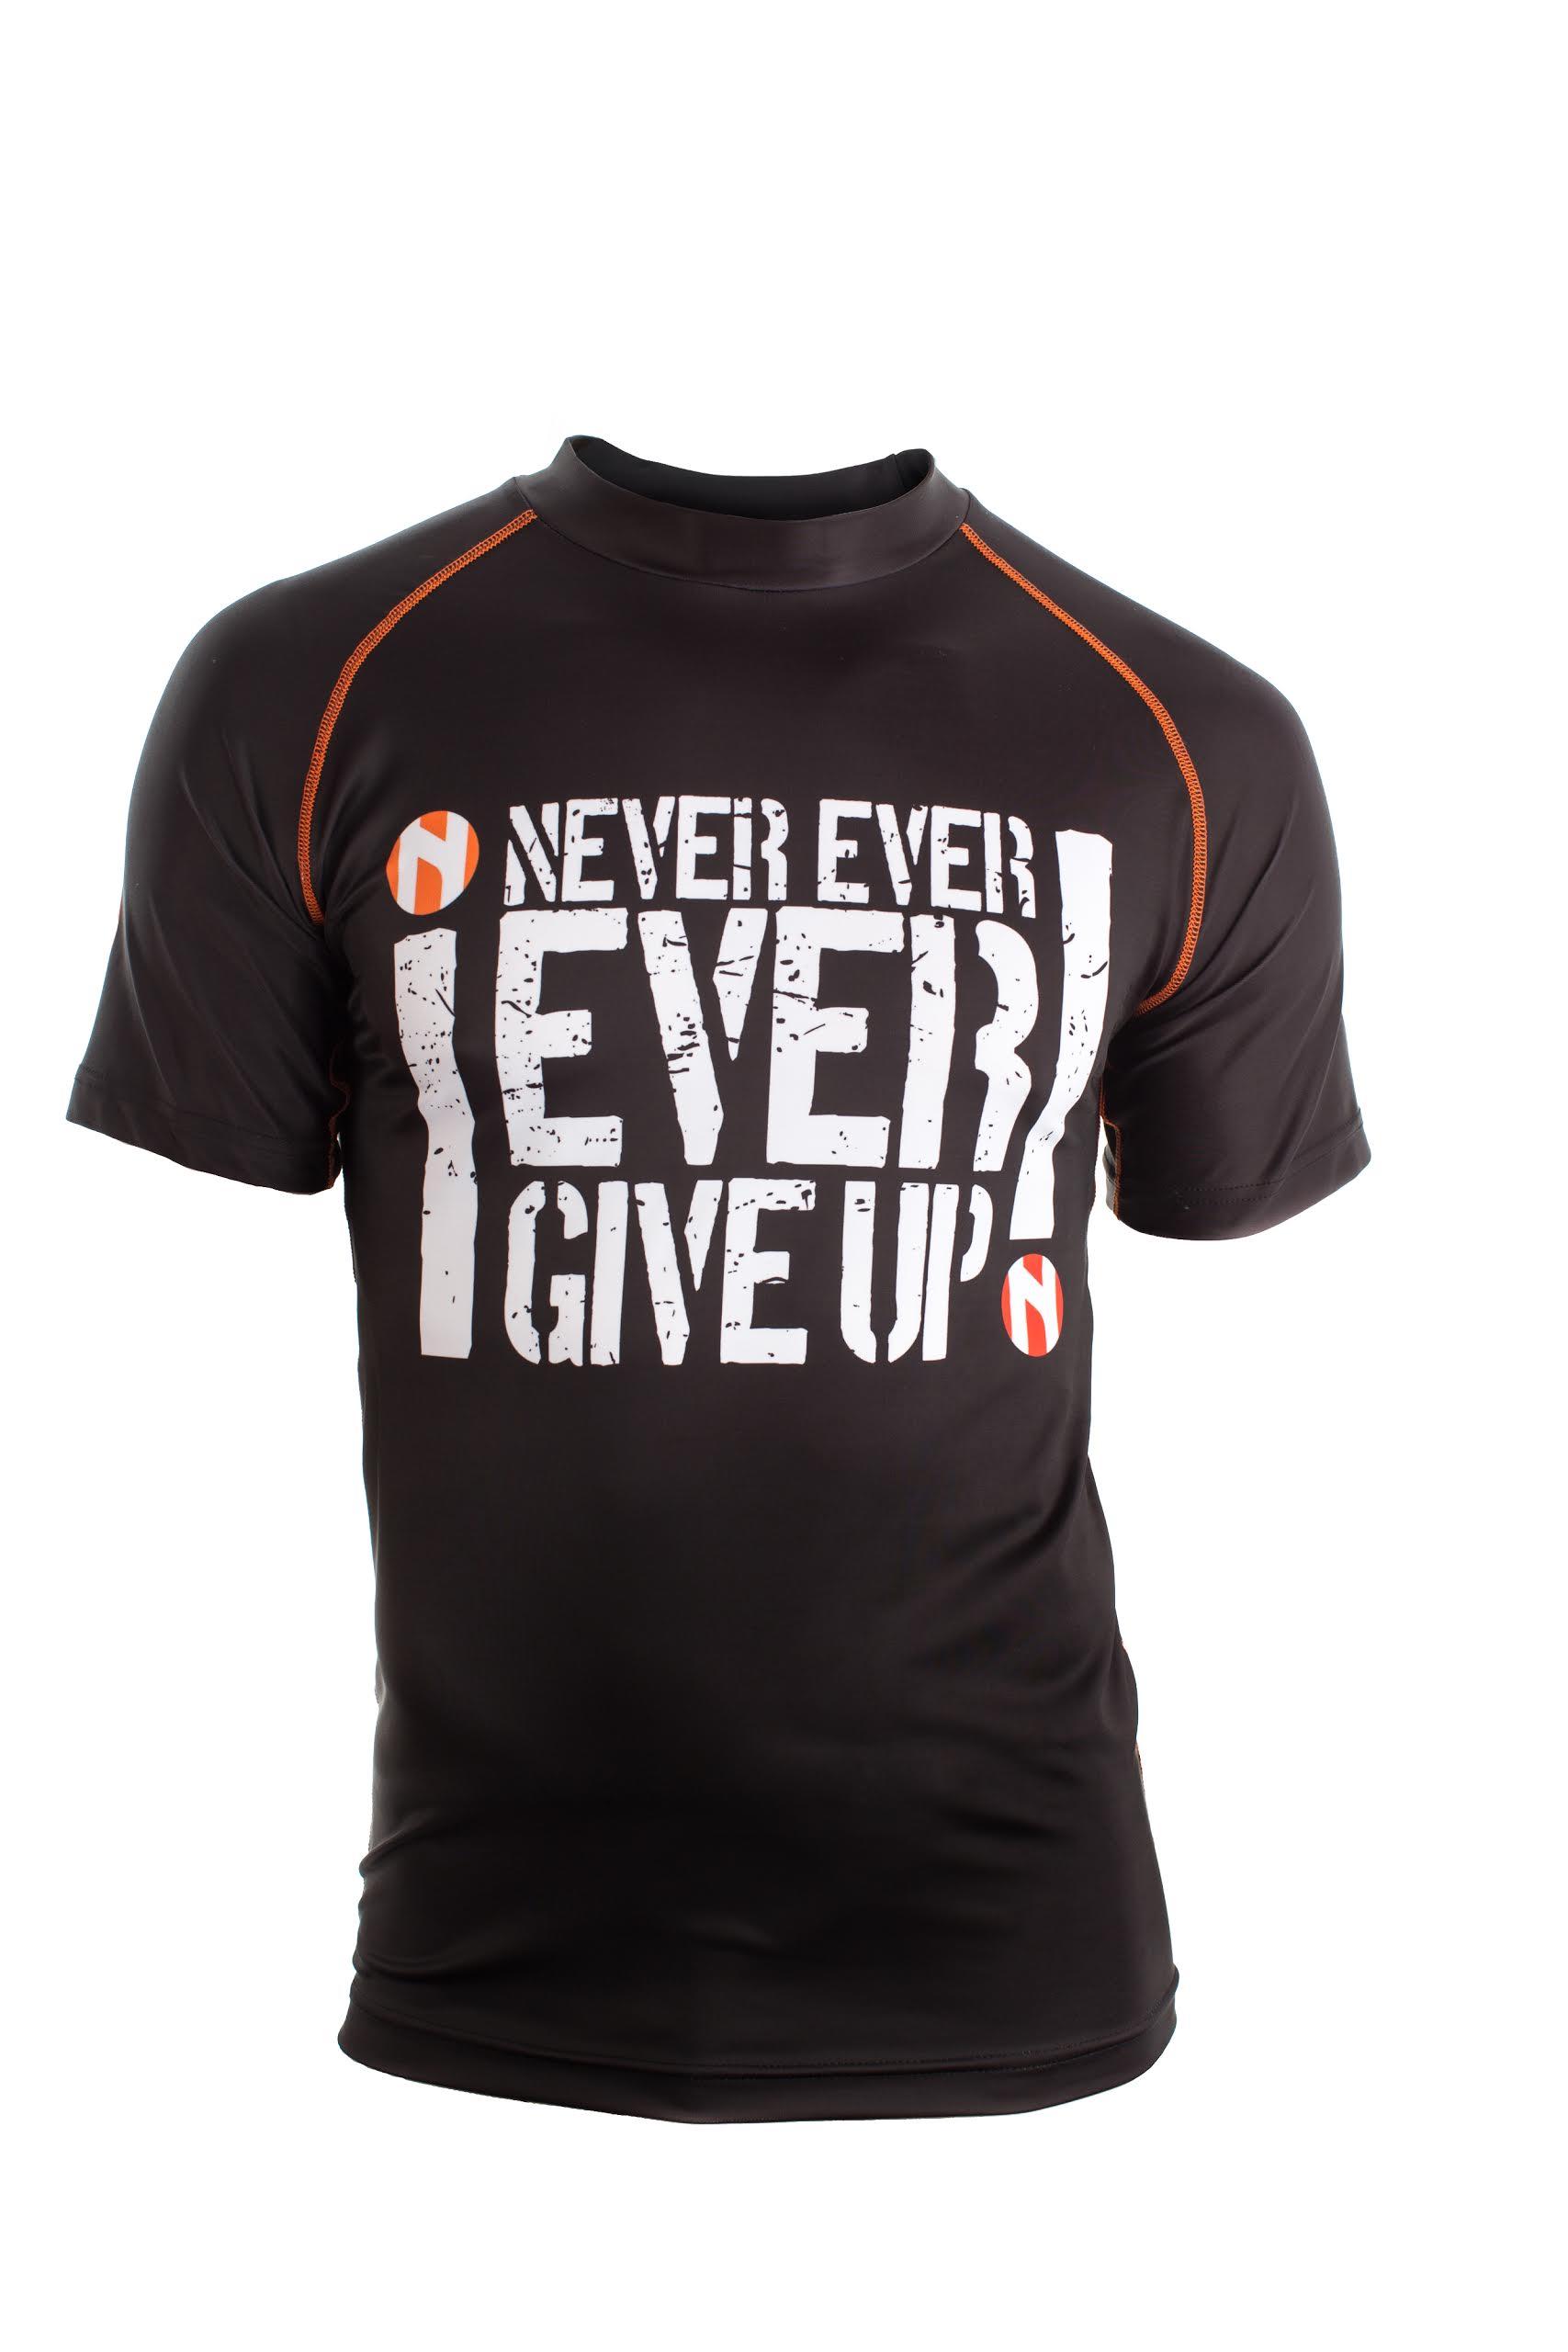 Nihon Sport Shirt Never Give Up - Heren - Zwart / Wit thumbnail